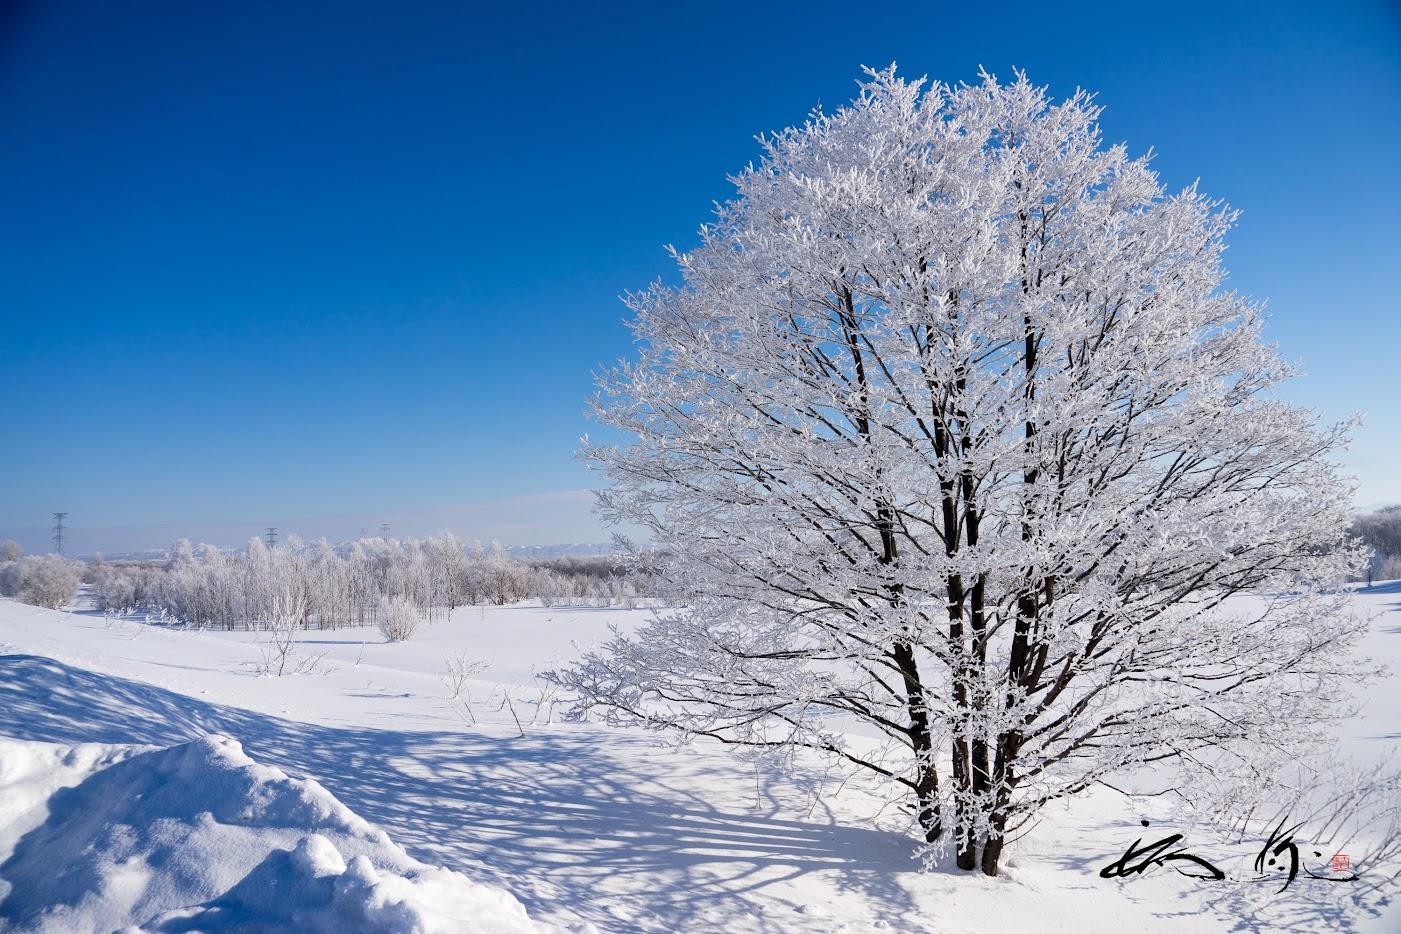 樹氷が朝陽に輝いた瞬間